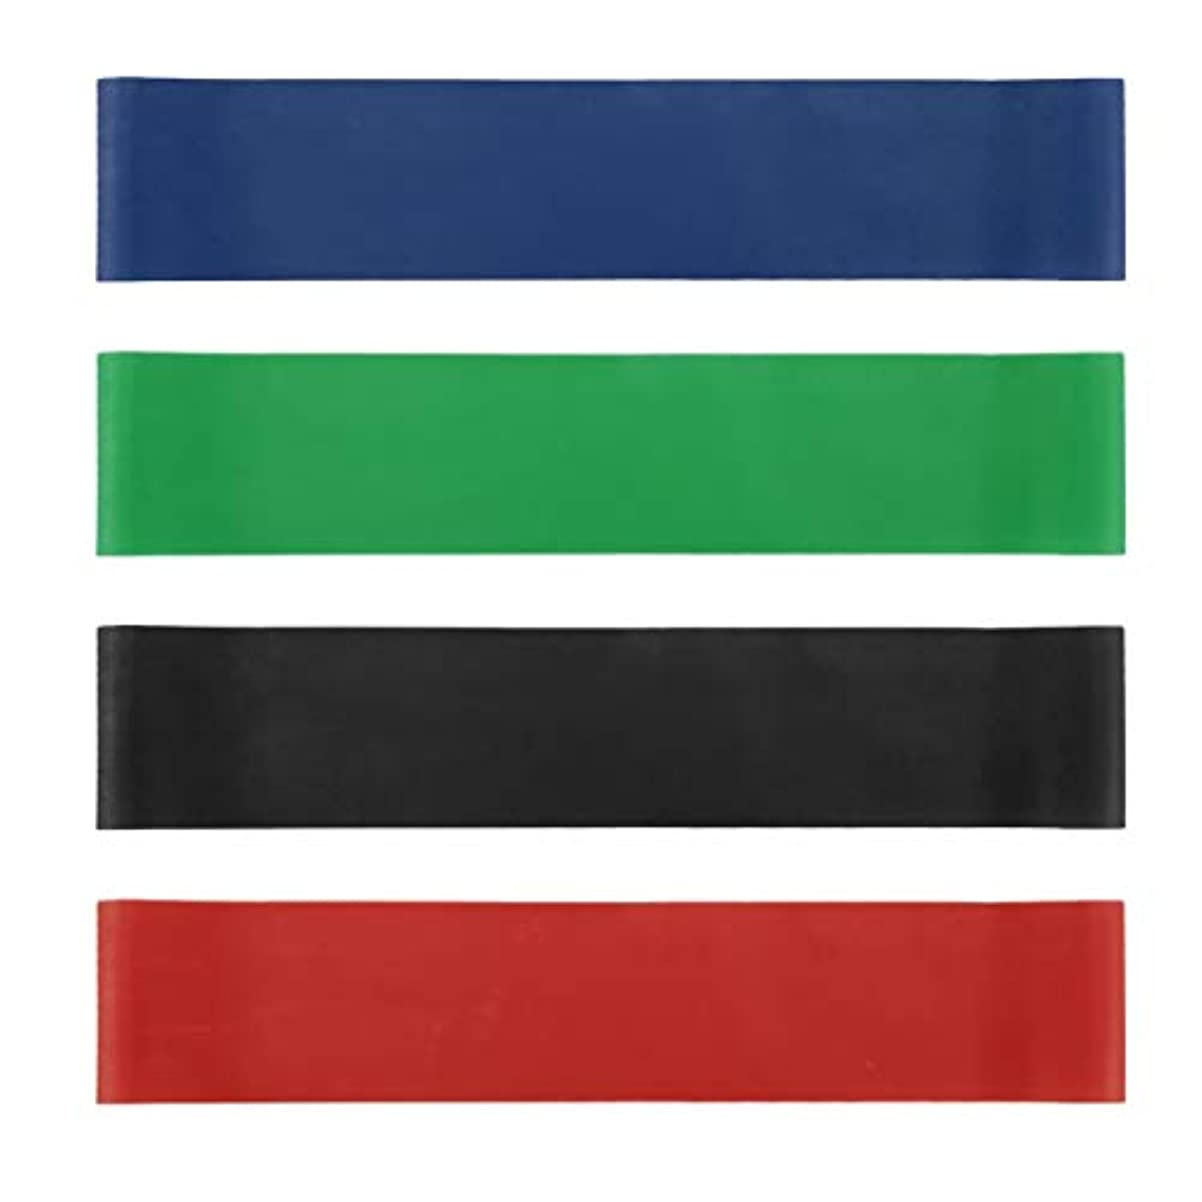 揃える速記キャンバス4本の伸縮性ゴム弾性ヨガベルトバンドプルロープ張力抵抗バンドループ強度のフィットネスヨガツール - レッド&ブルー&グリーン&ブラック